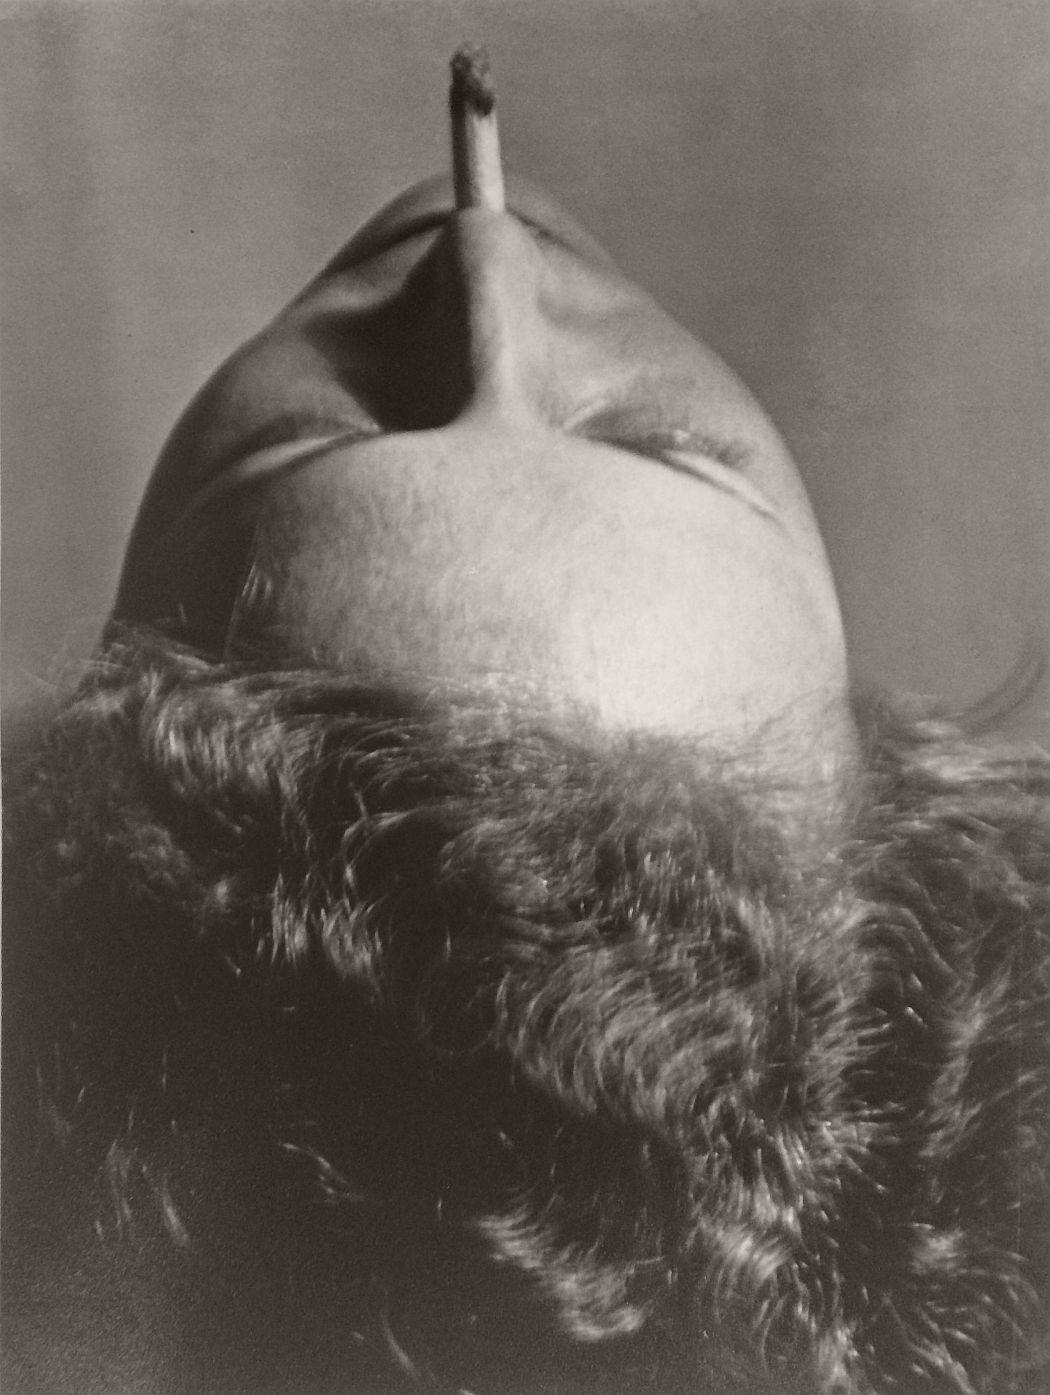 Man Ray, 1920